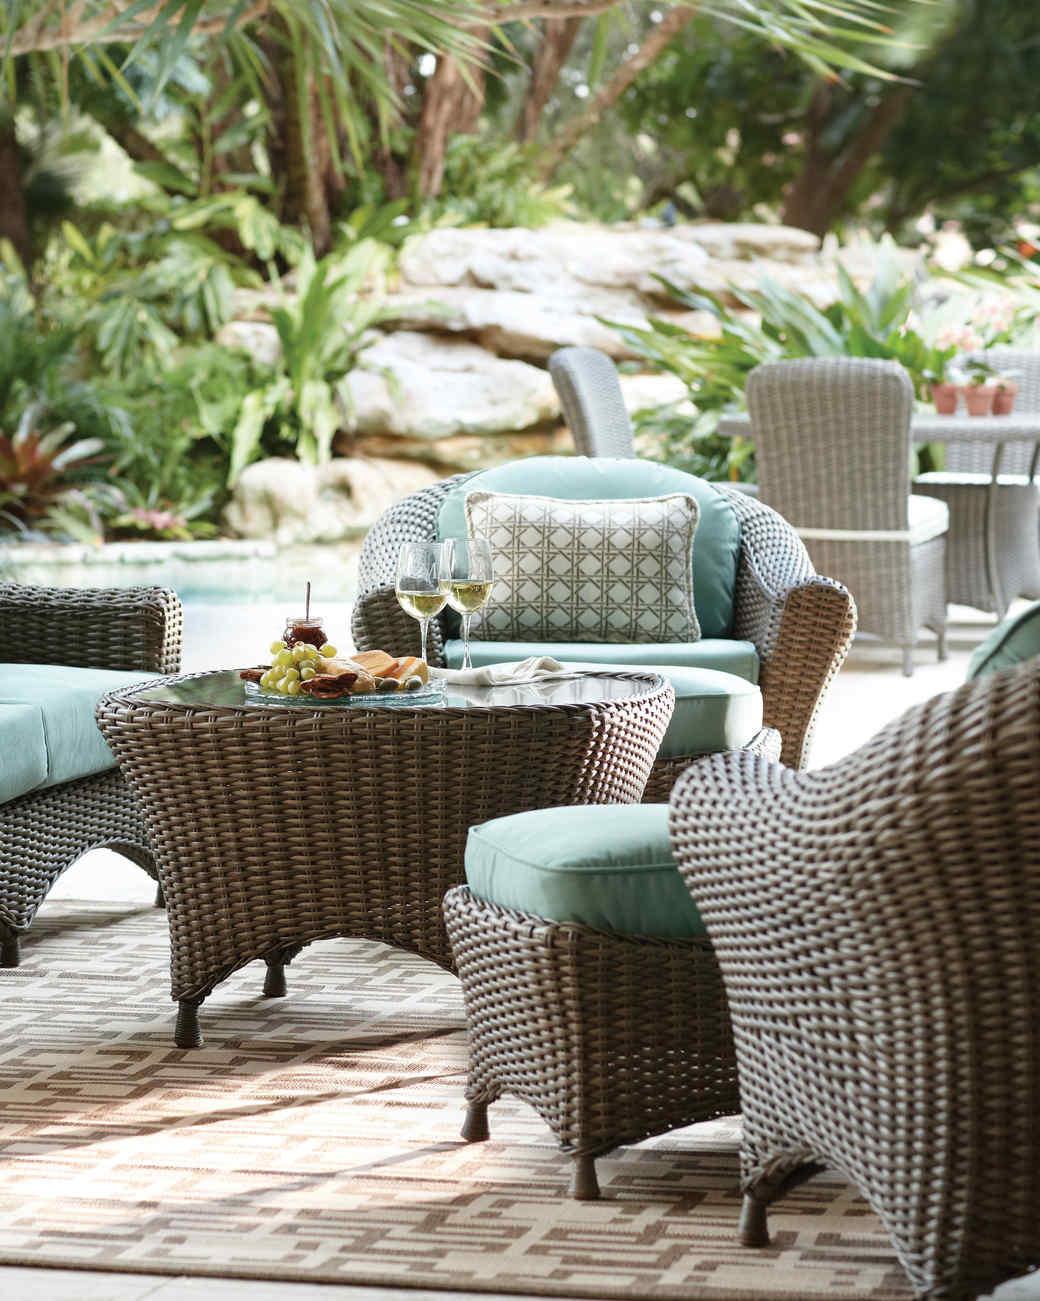 thd-patio-seating-blue-lakeadela-mrkt-0215.jpg